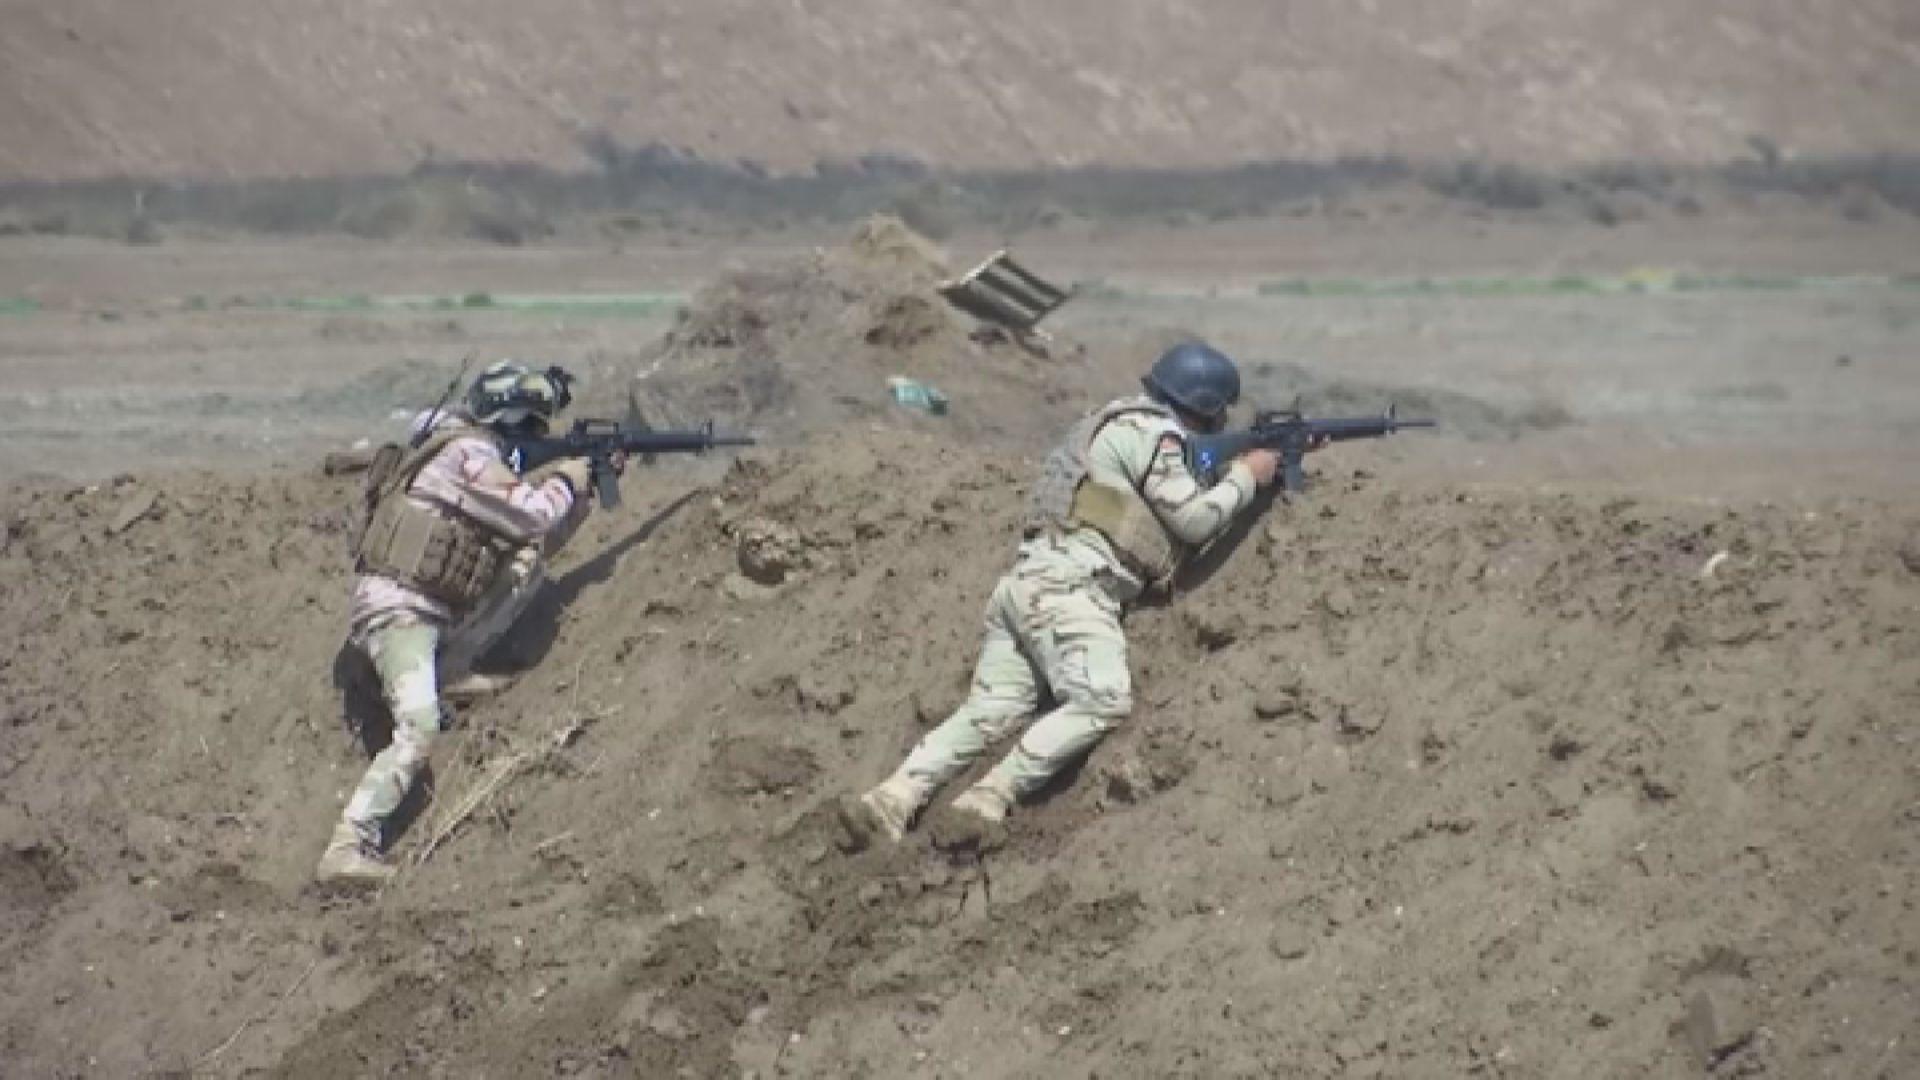 德國荷蘭暫停伊拉克軍事訓練項目